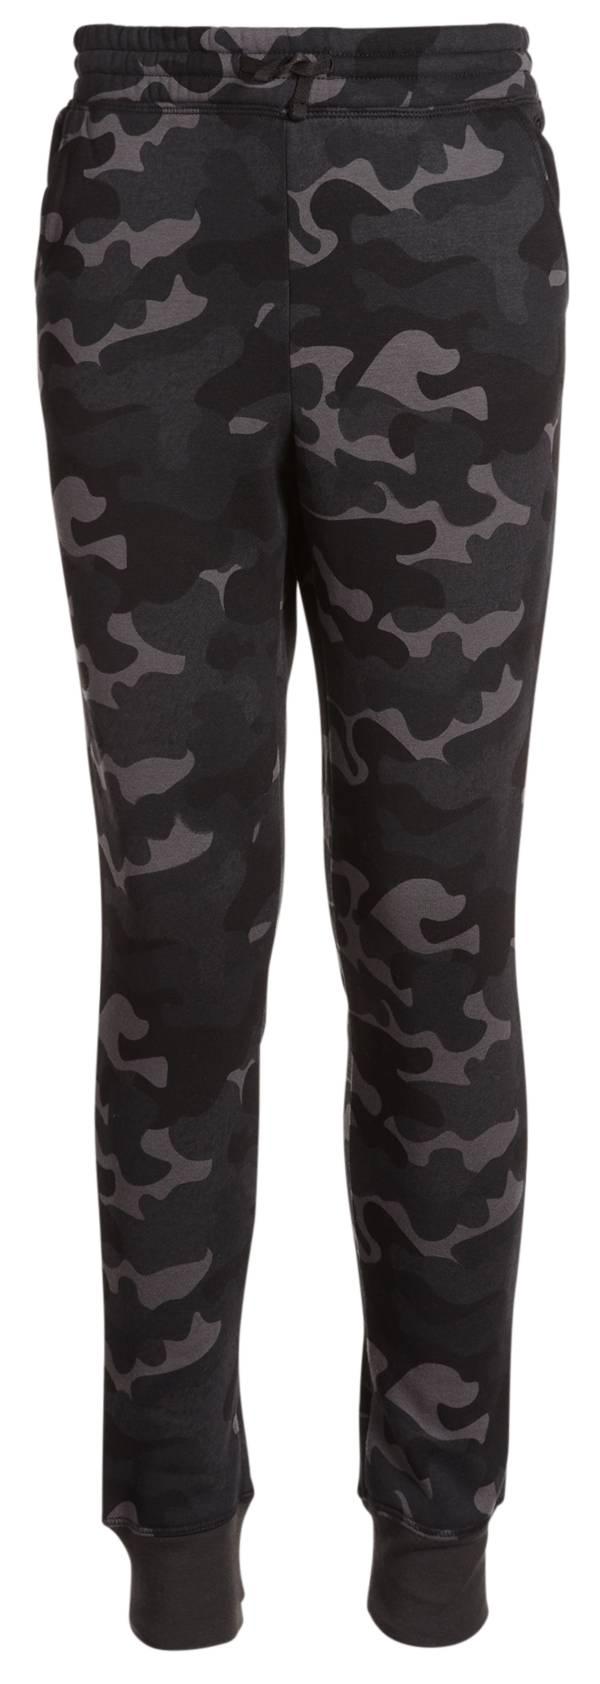 DSG Girls' Fleece Joggers product image